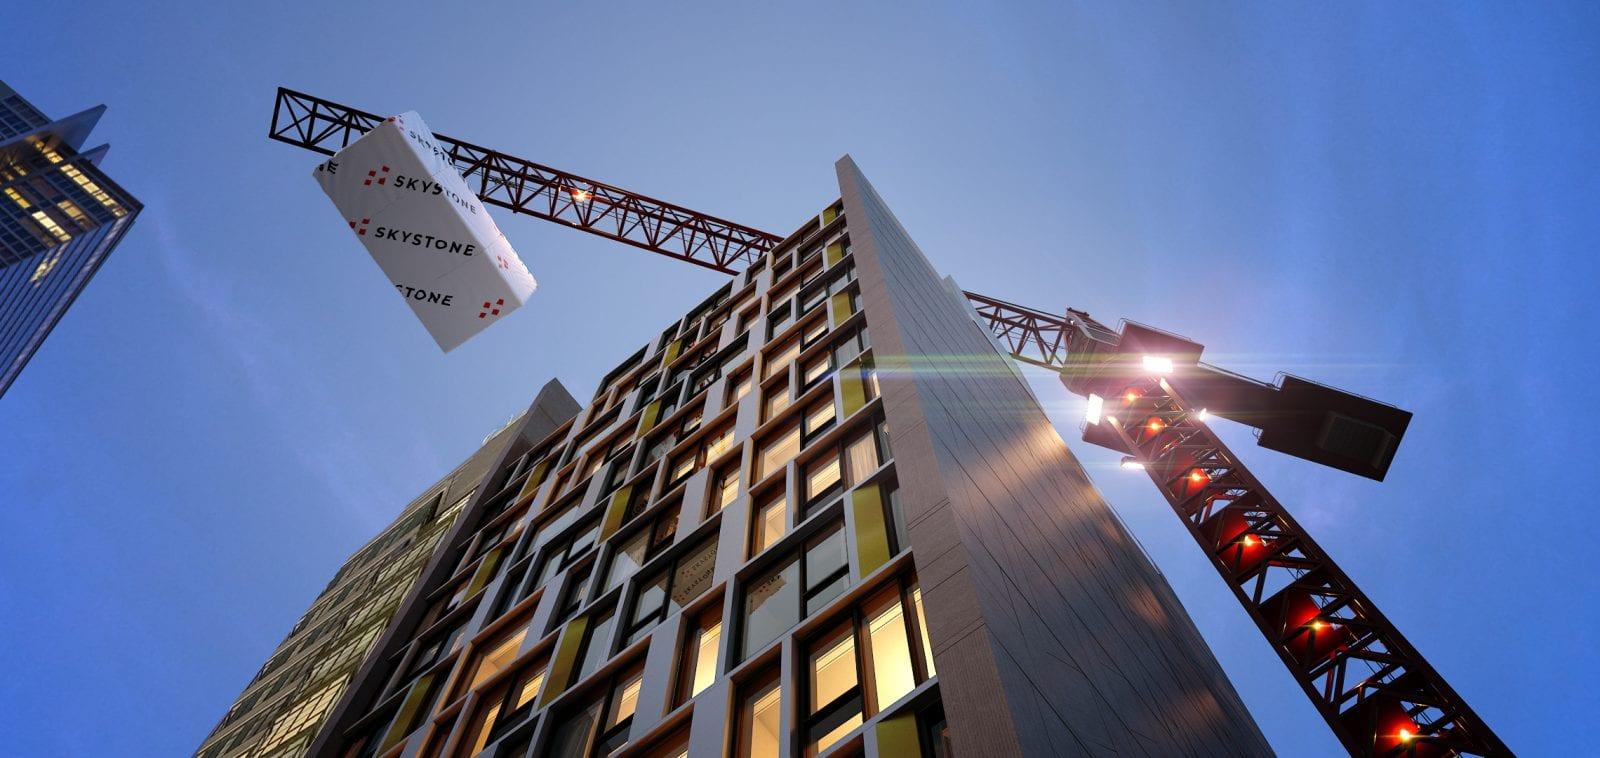 Beim Bau des höchsten modularen Hotels der Welt setzt Skystone auf die Produkte von Autodesk (Foto © Skystone)